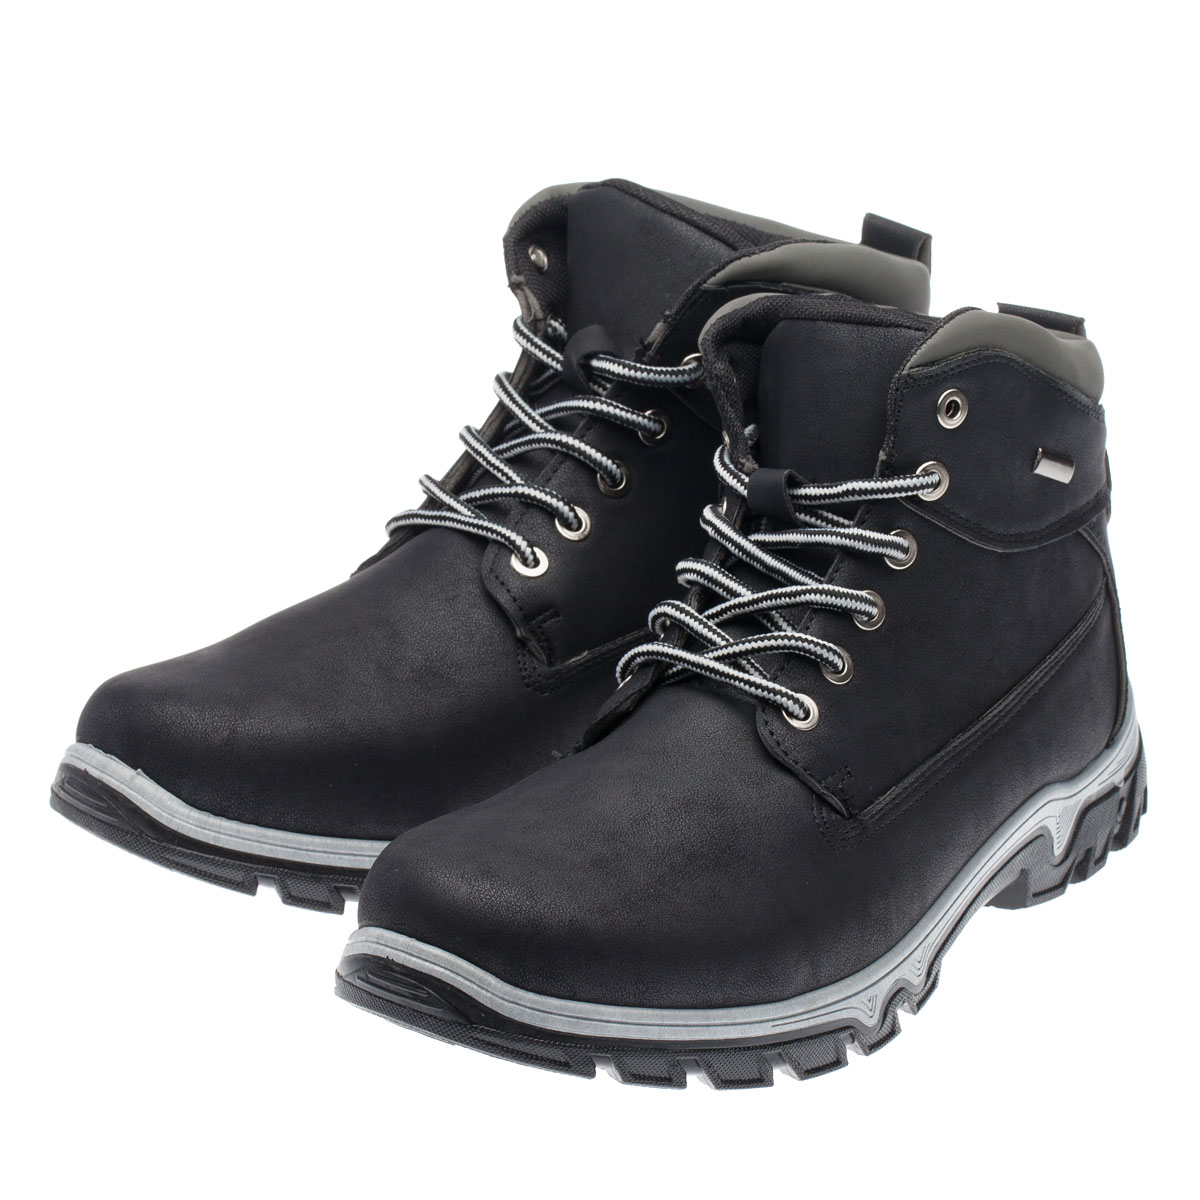 Фото - Ботинки демисезонные FERTO, GB2007 ботинки демисезонные ferto skl 008